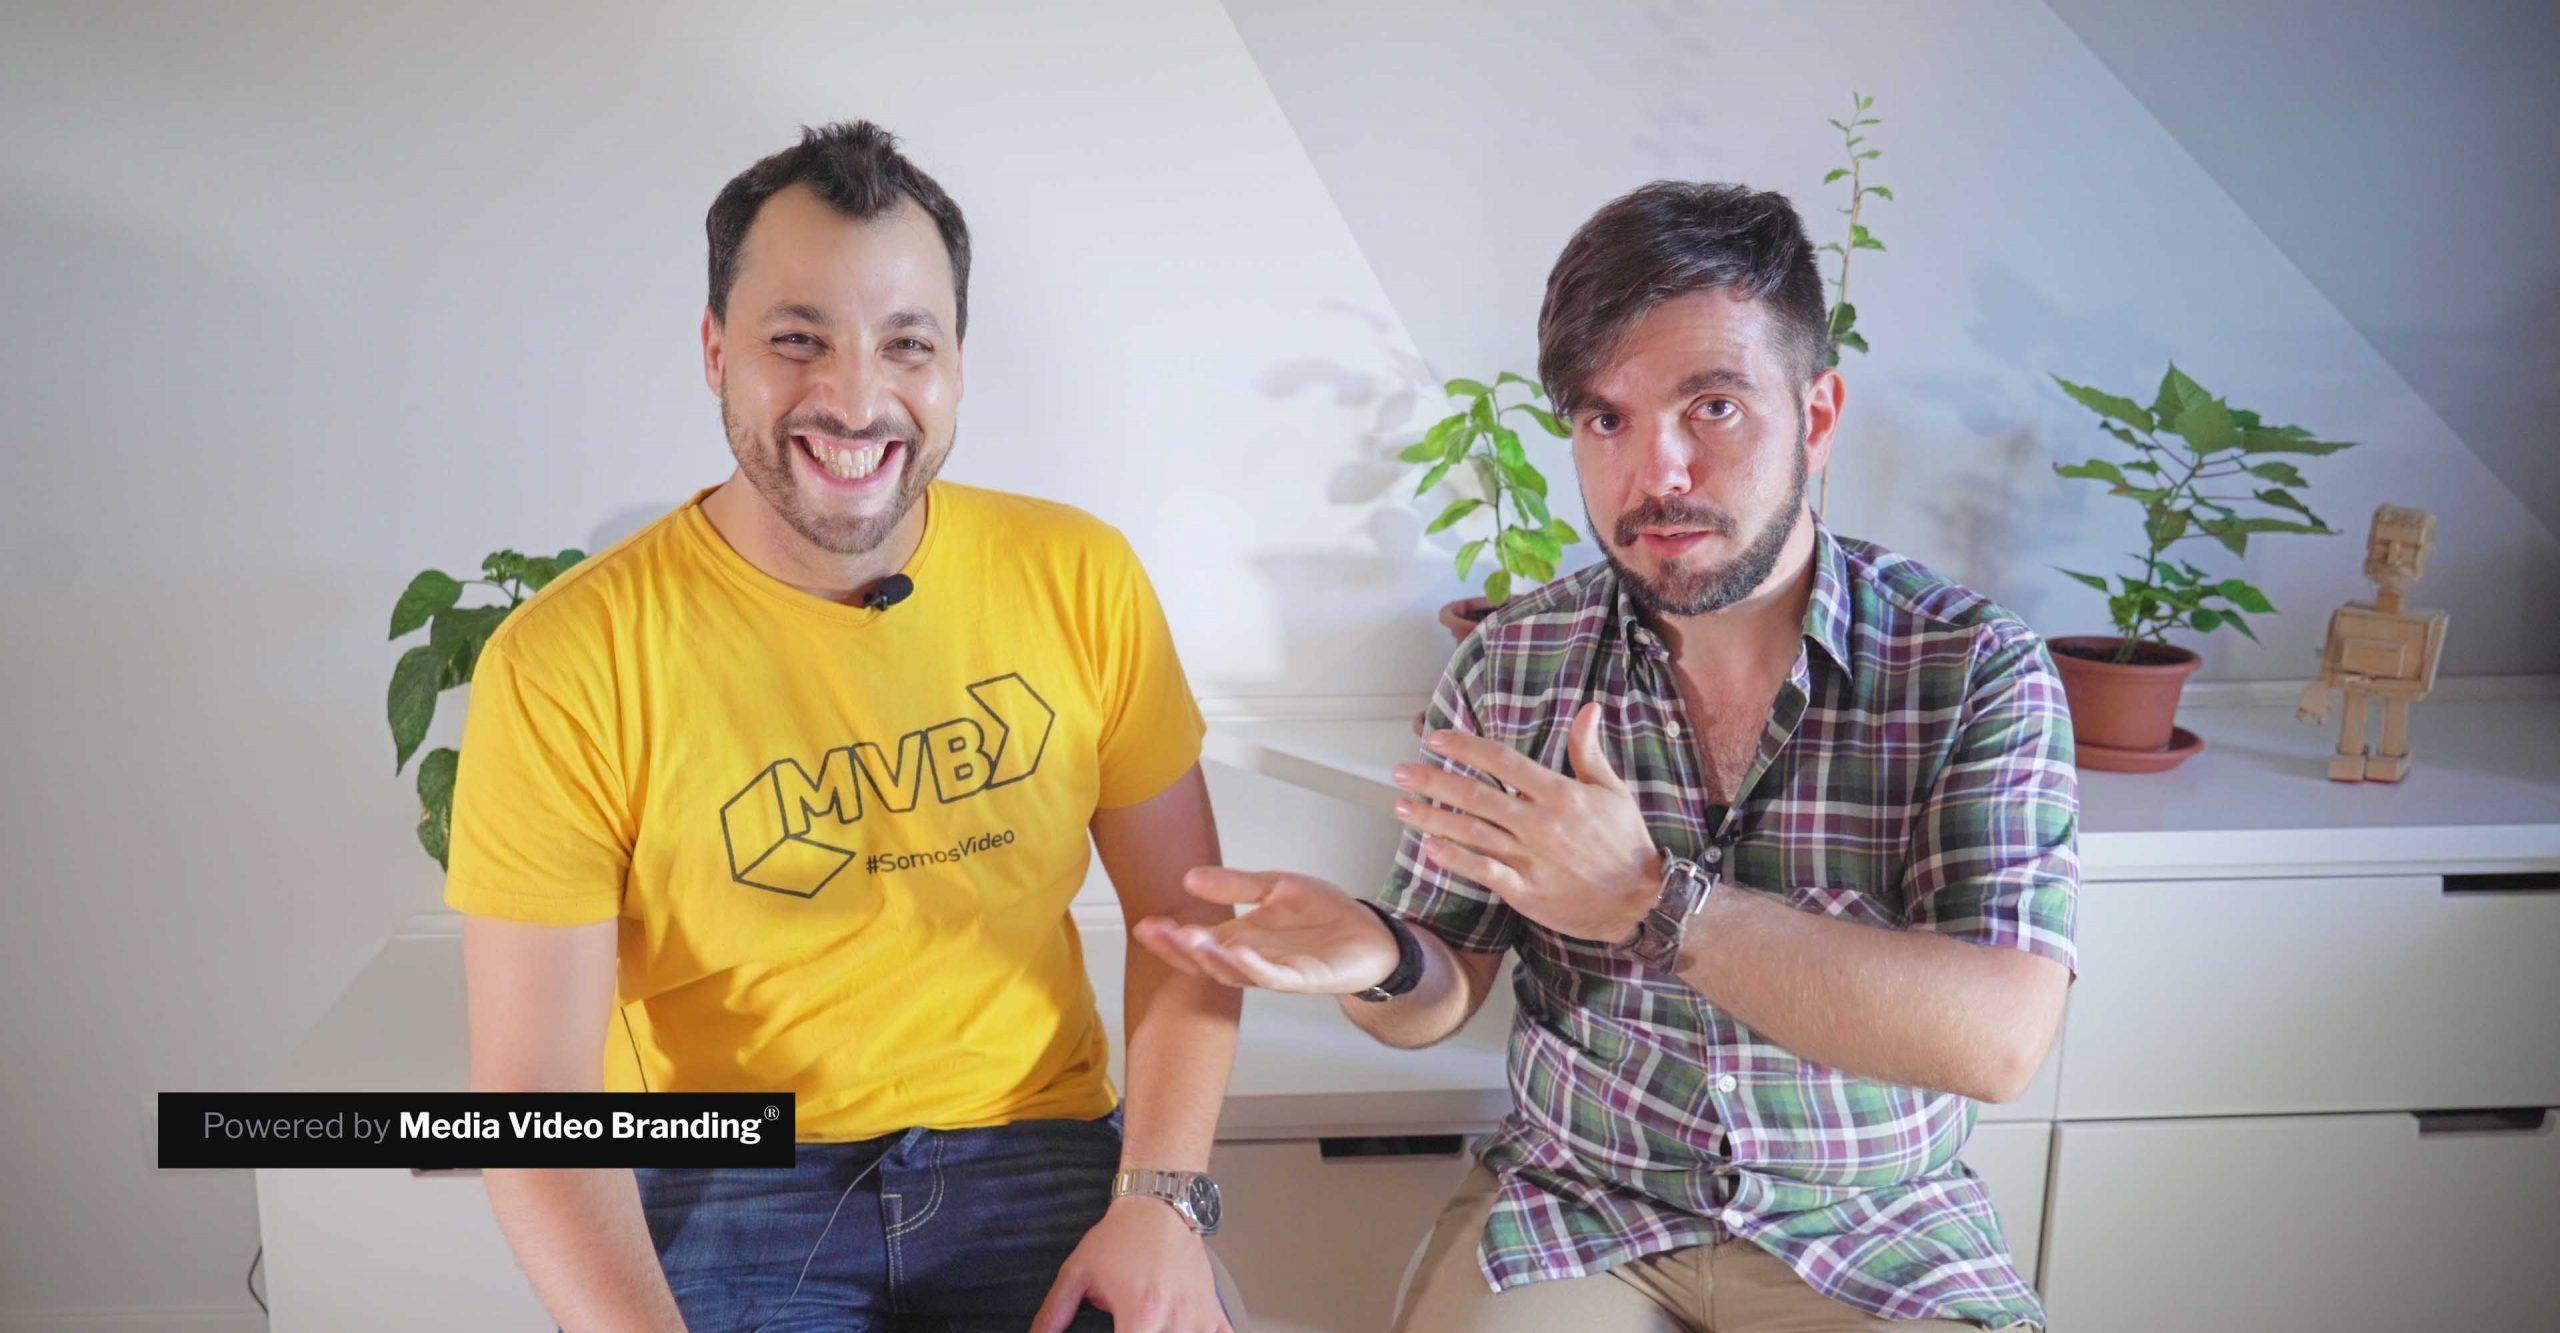 Miguel Zorita Bayón llega a un acuerdo con Media Video Branding